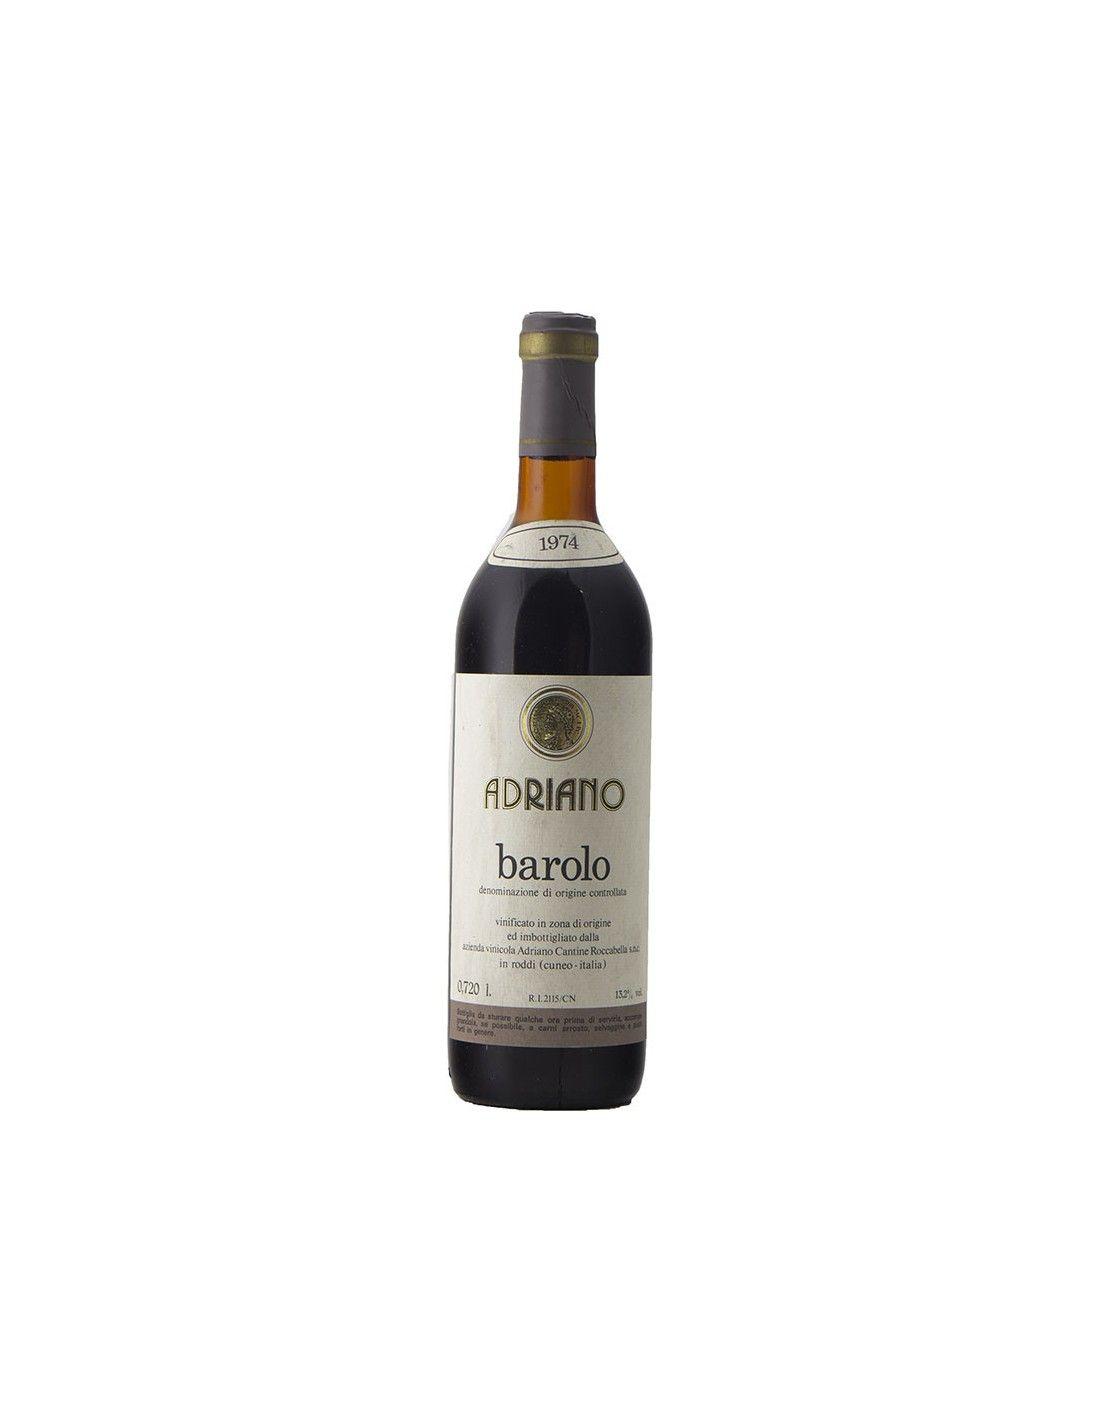 BAROLO 1974 ADRIANO Grandi Bottiglie